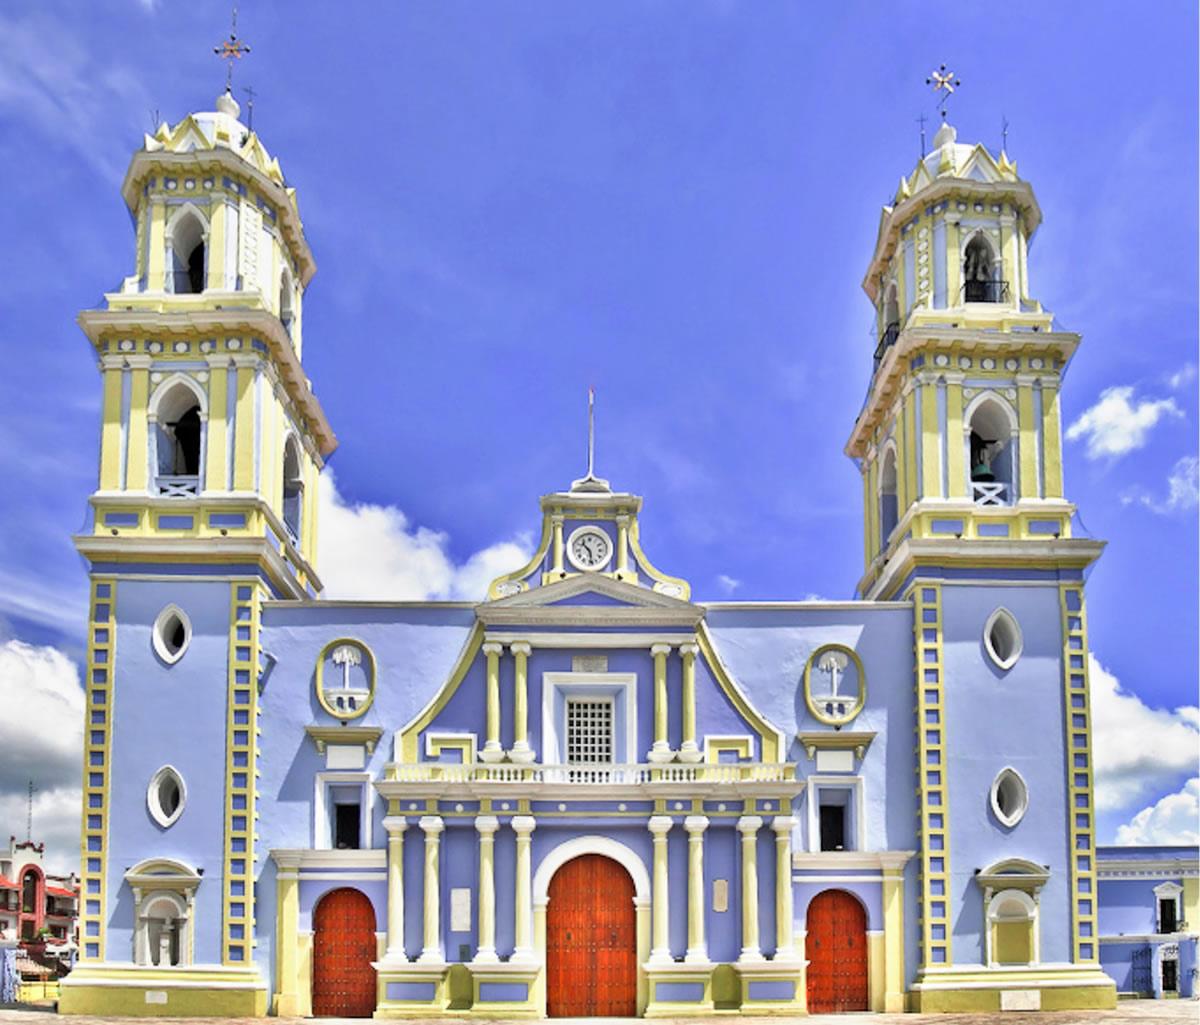 Parroquia de la Inmaculada Concepción, Veracruz